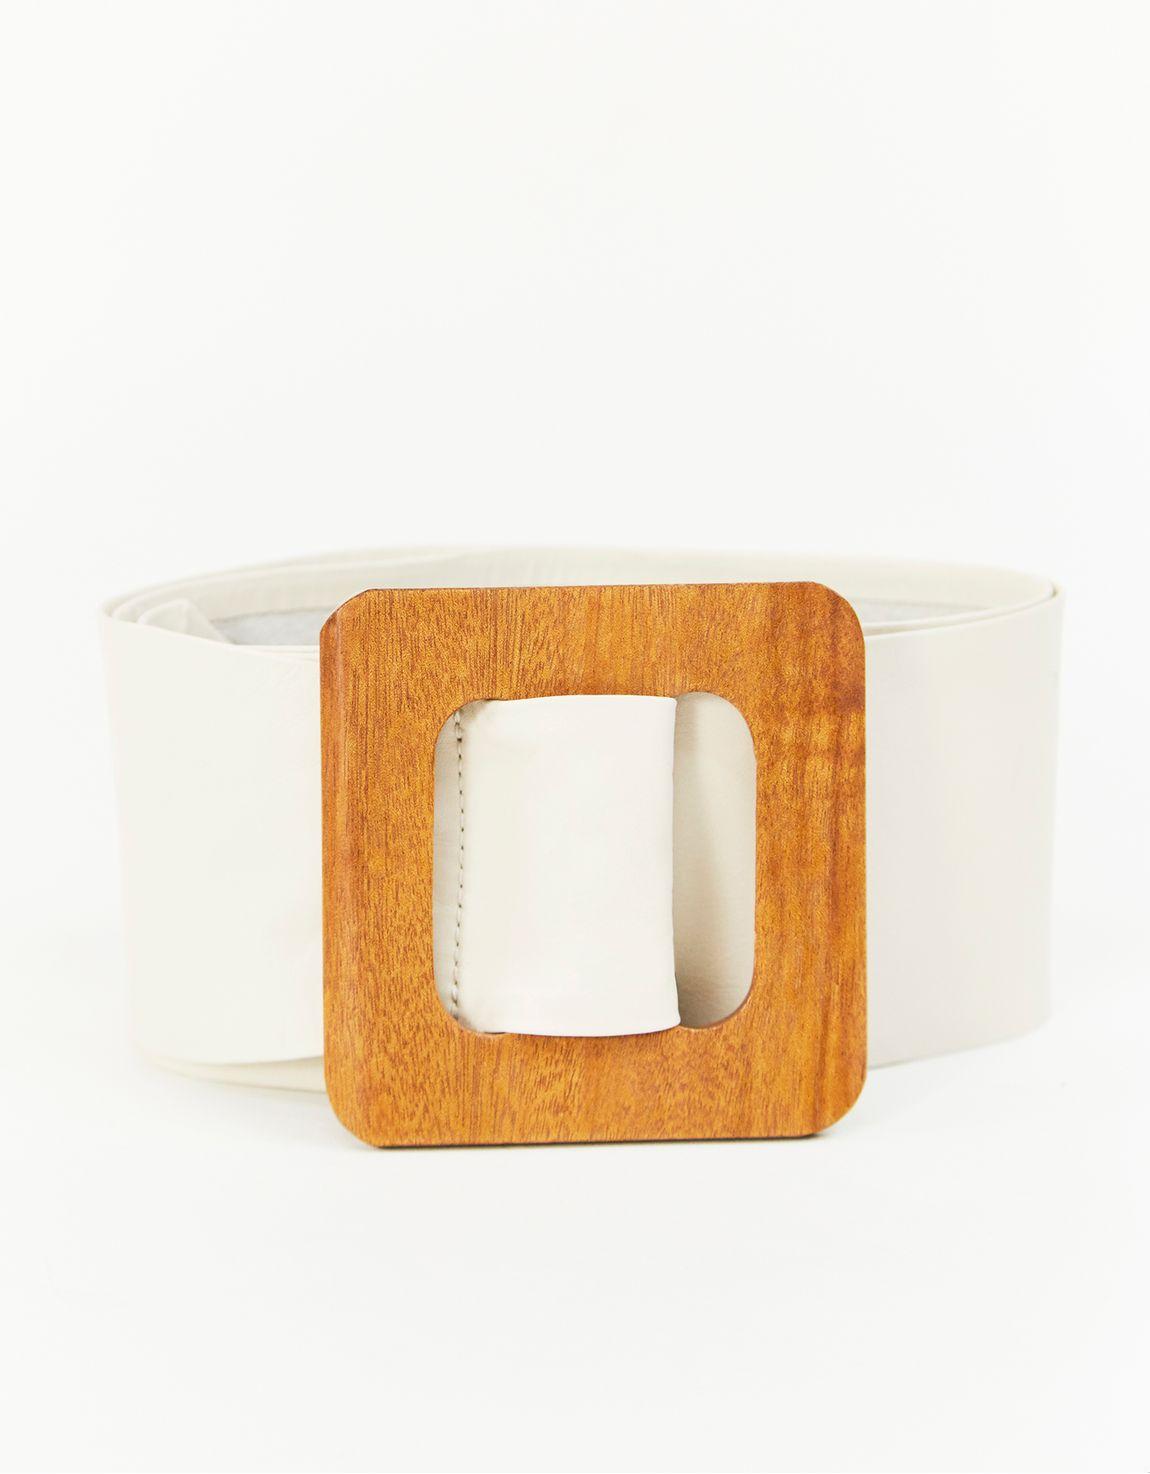 Cinto largo off white fivela de madeira